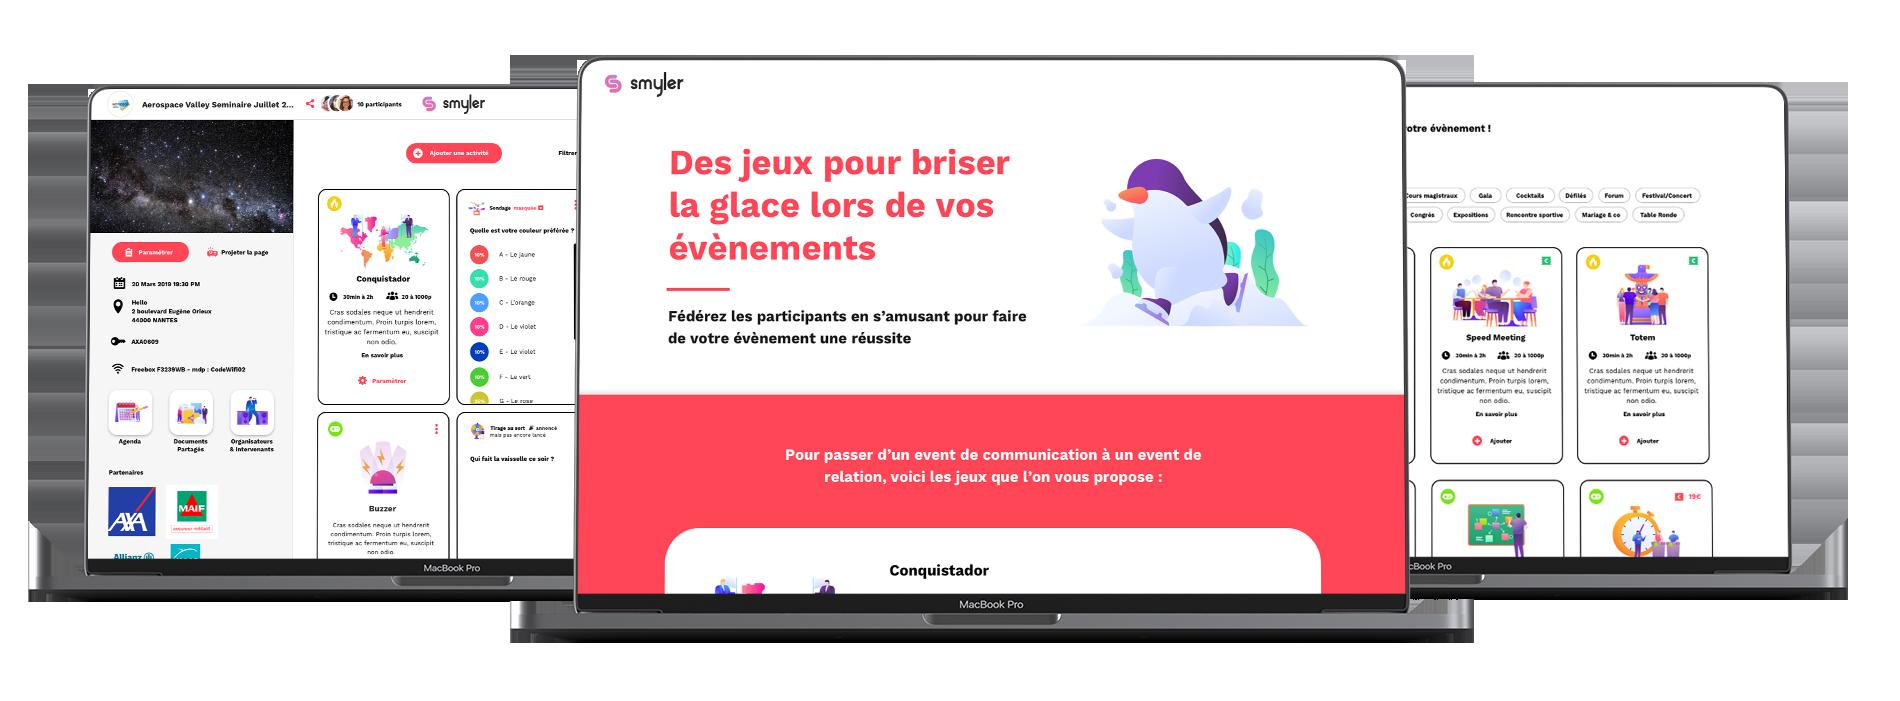 Mockup_presentation.png